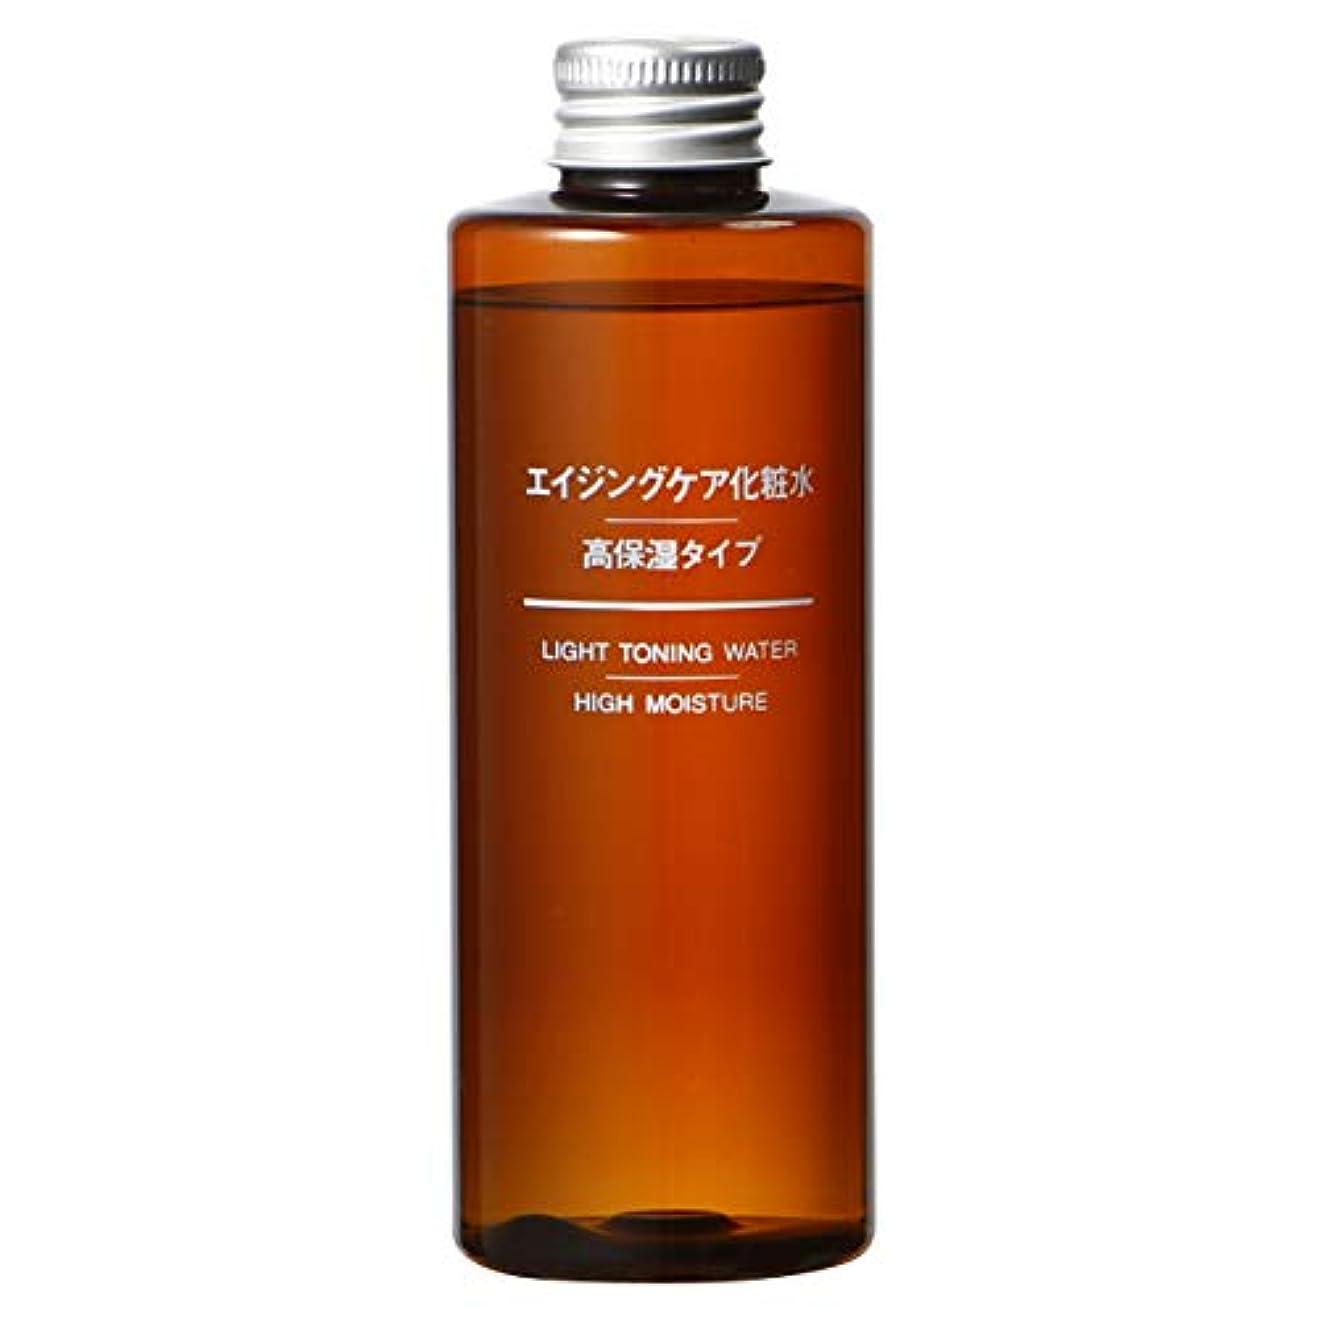 植木水曜日悲しい無印良品 エイジングケア化粧水?高保湿タイプ 200ml